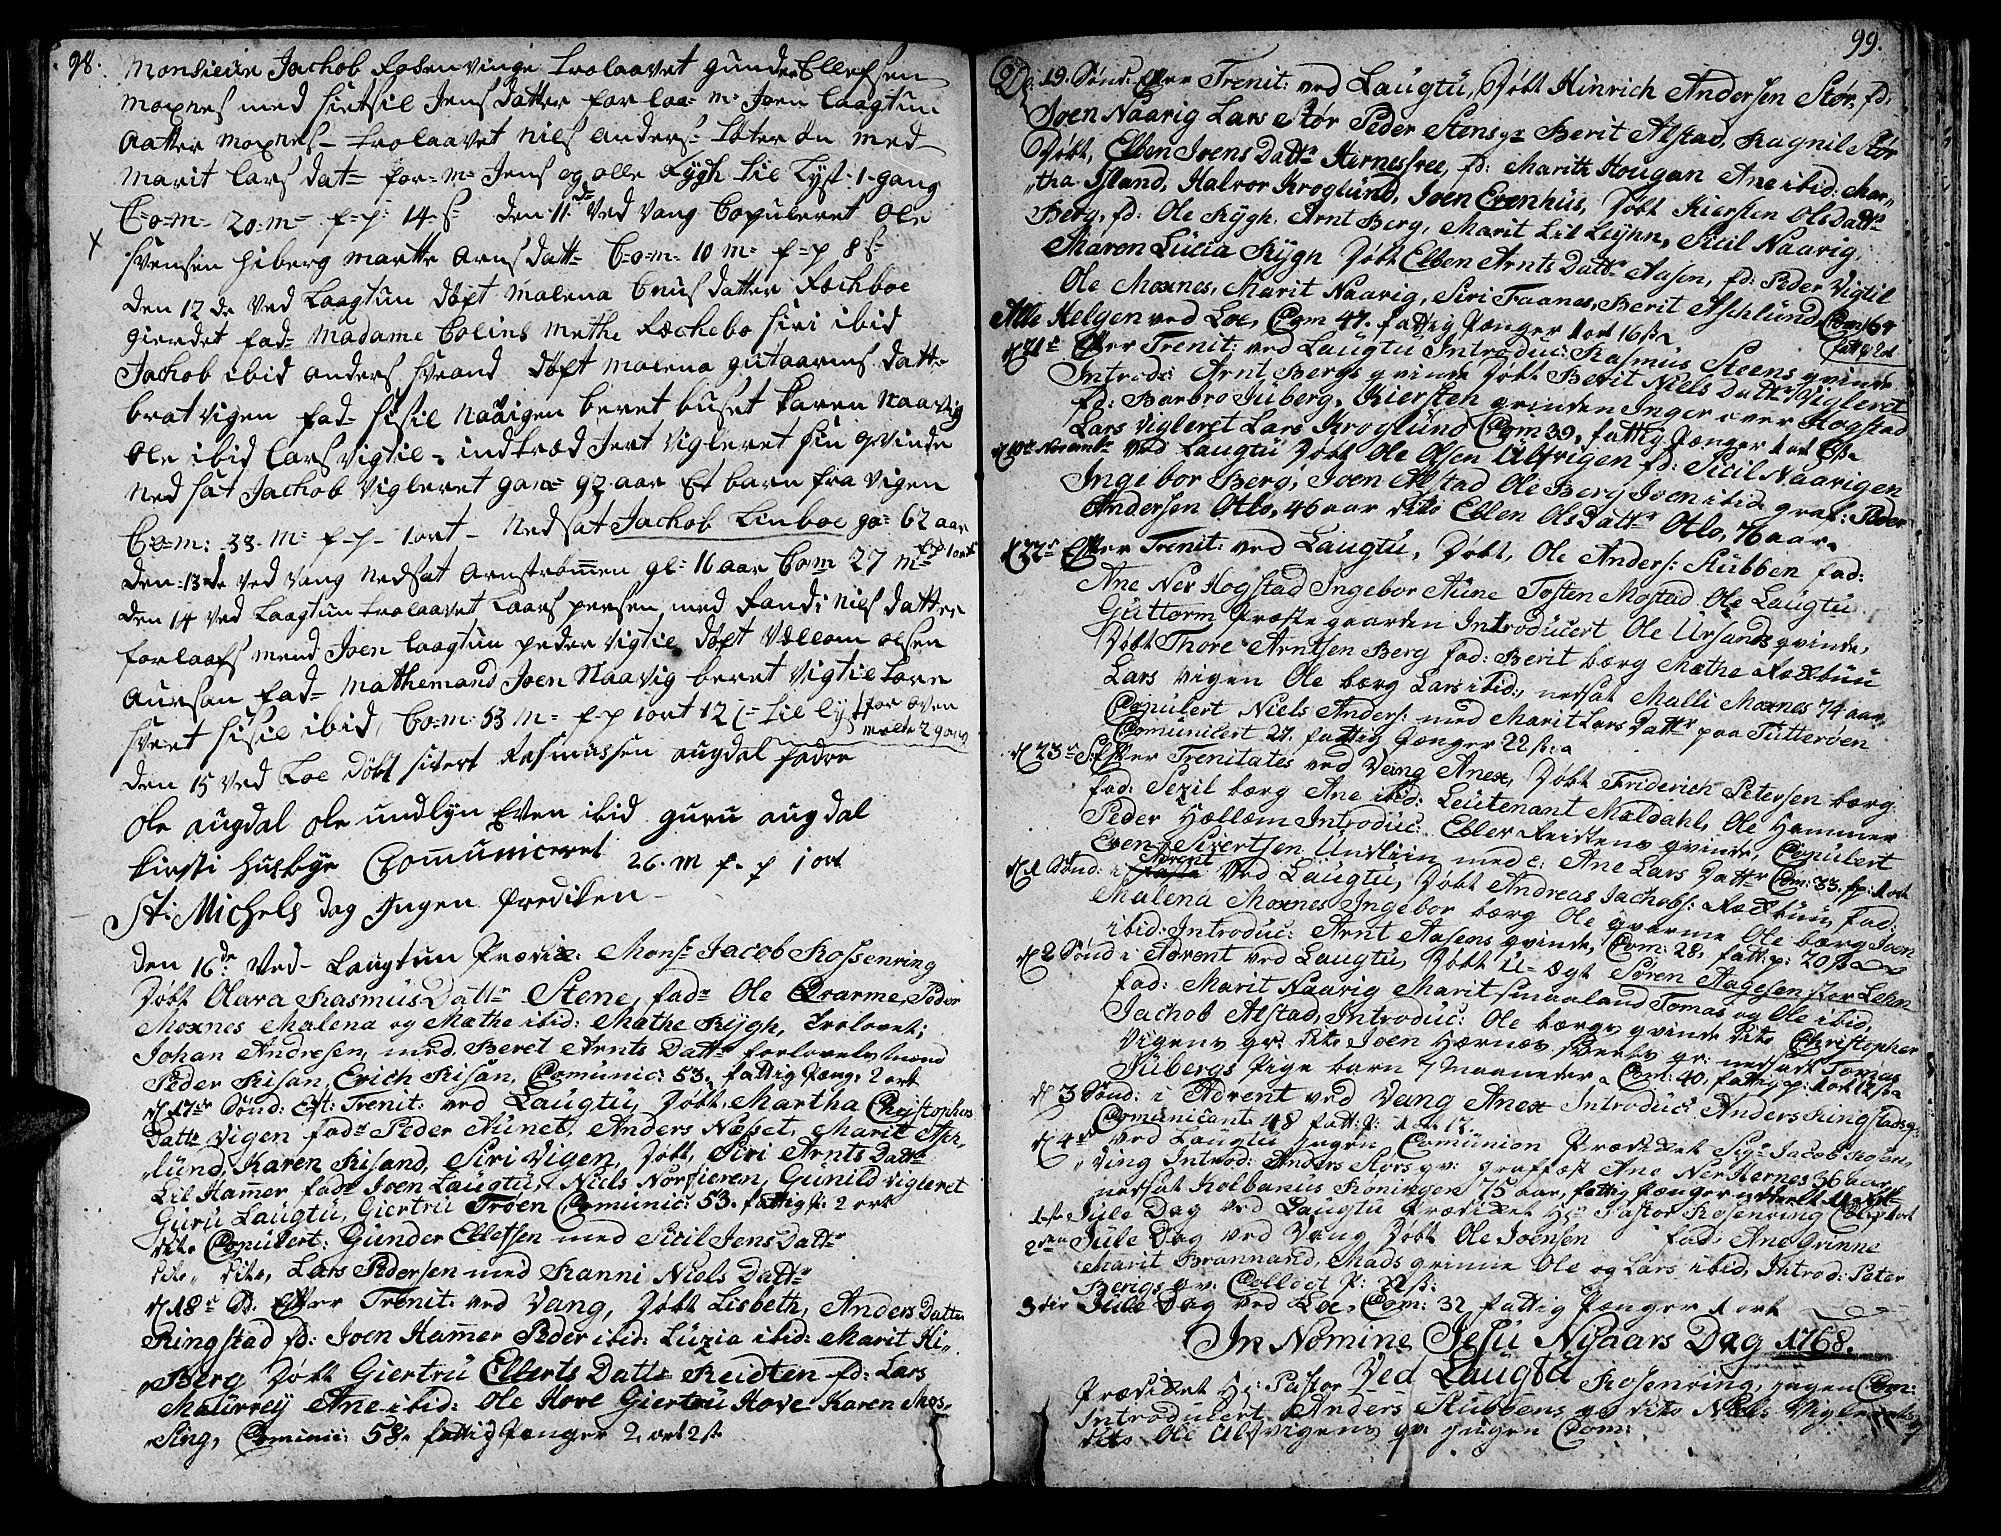 SAT, Ministerialprotokoller, klokkerbøker og fødselsregistre - Nord-Trøndelag, 713/L0109: Ministerialbok nr. 713A01, 1750-1778, s. 98-99